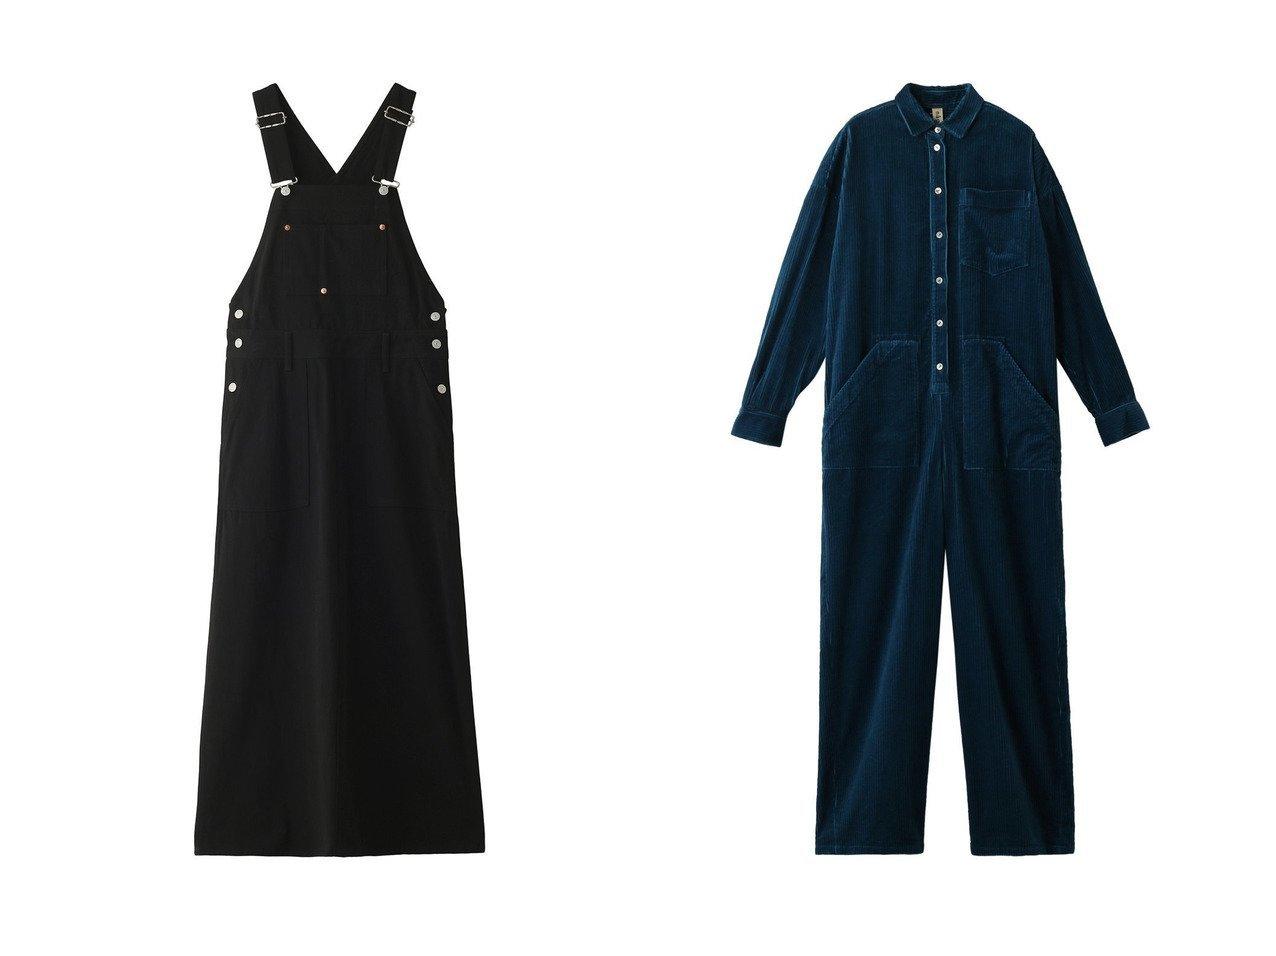 【Shinzone/シンゾーン】のチノジャンプスーツ&【nagonstans/ナゴンスタンス】のコーデュロイ SHジャンプスーツ ワンピース・ドレスのおすすめ!人気、レディースファッションの通販  おすすめで人気のファッション通販商品 インテリア・家具・キッズファッション・メンズファッション・レディースファッション・服の通販 founy(ファニー) https://founy.com/ ファッション Fashion レディース WOMEN ワンピース Dress オールインワン ワンピース All In One Dress カットソー スーツ リブニット ロング コーデュロイ シンプル |ID:crp329100000000623